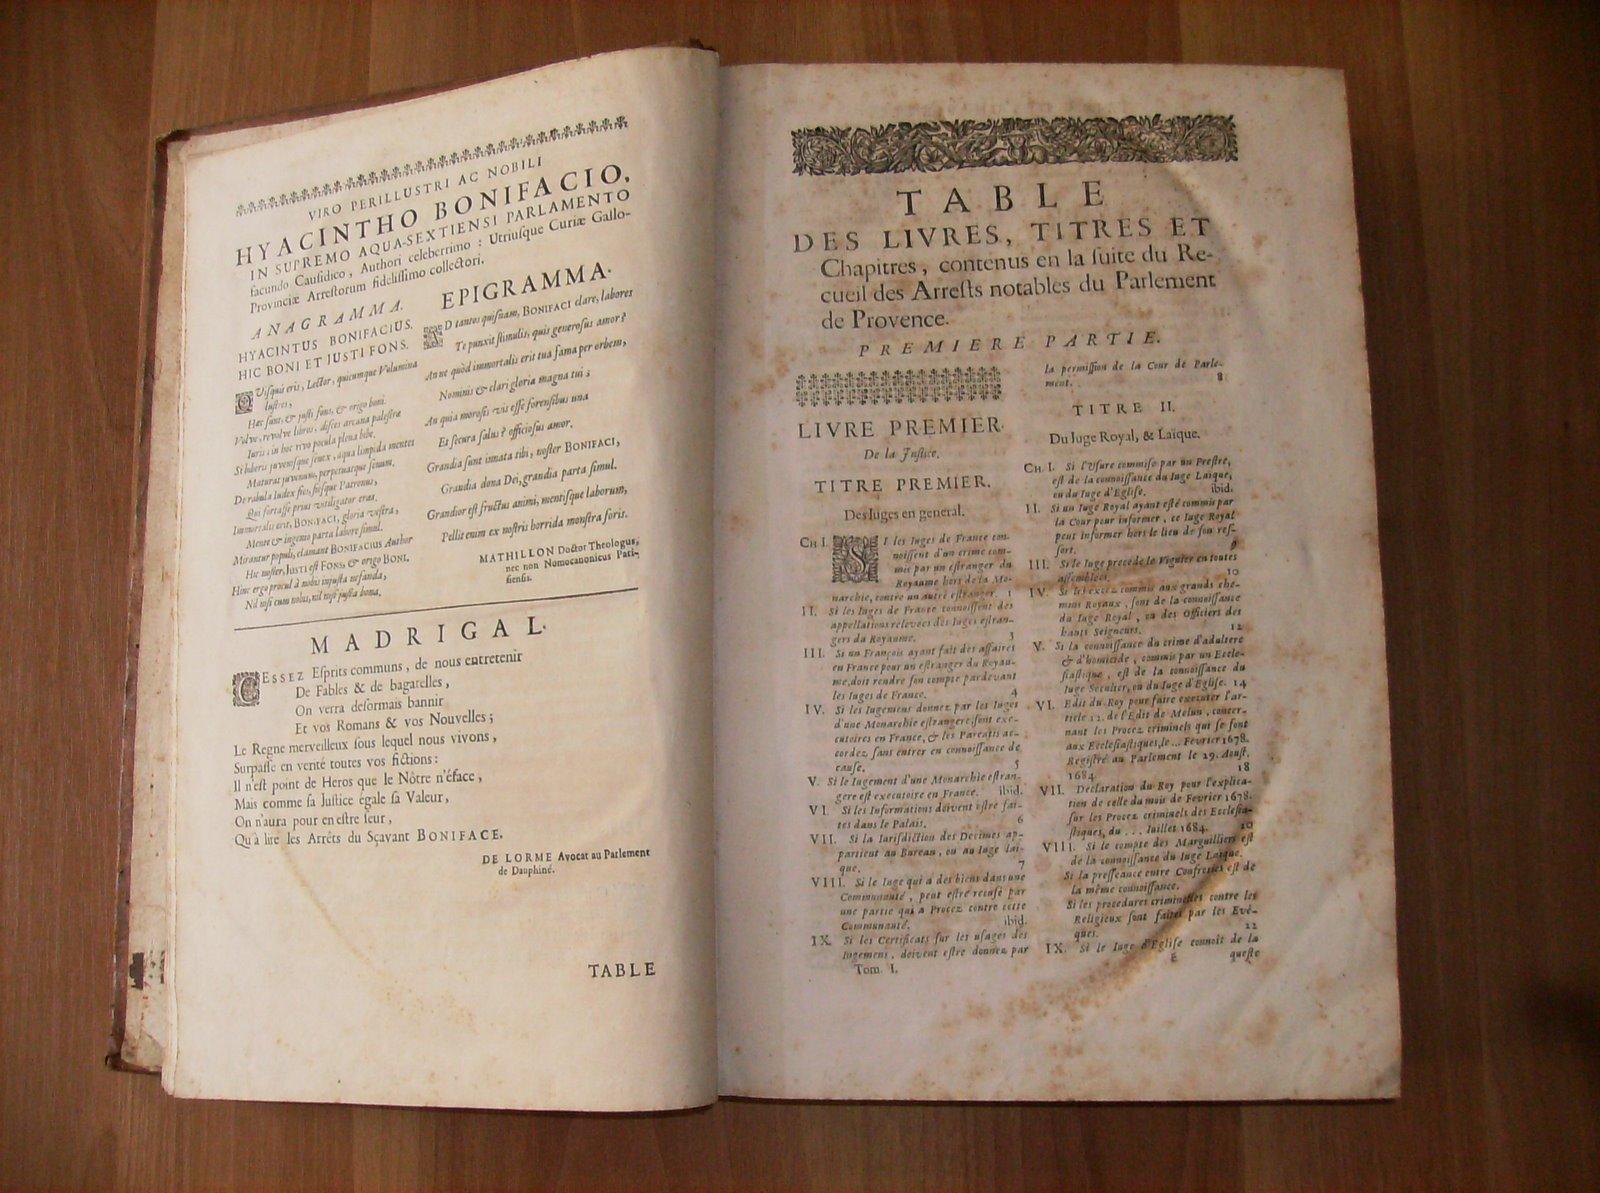 [1689+ARRETS+DE+BONIFAC+023.jpg]